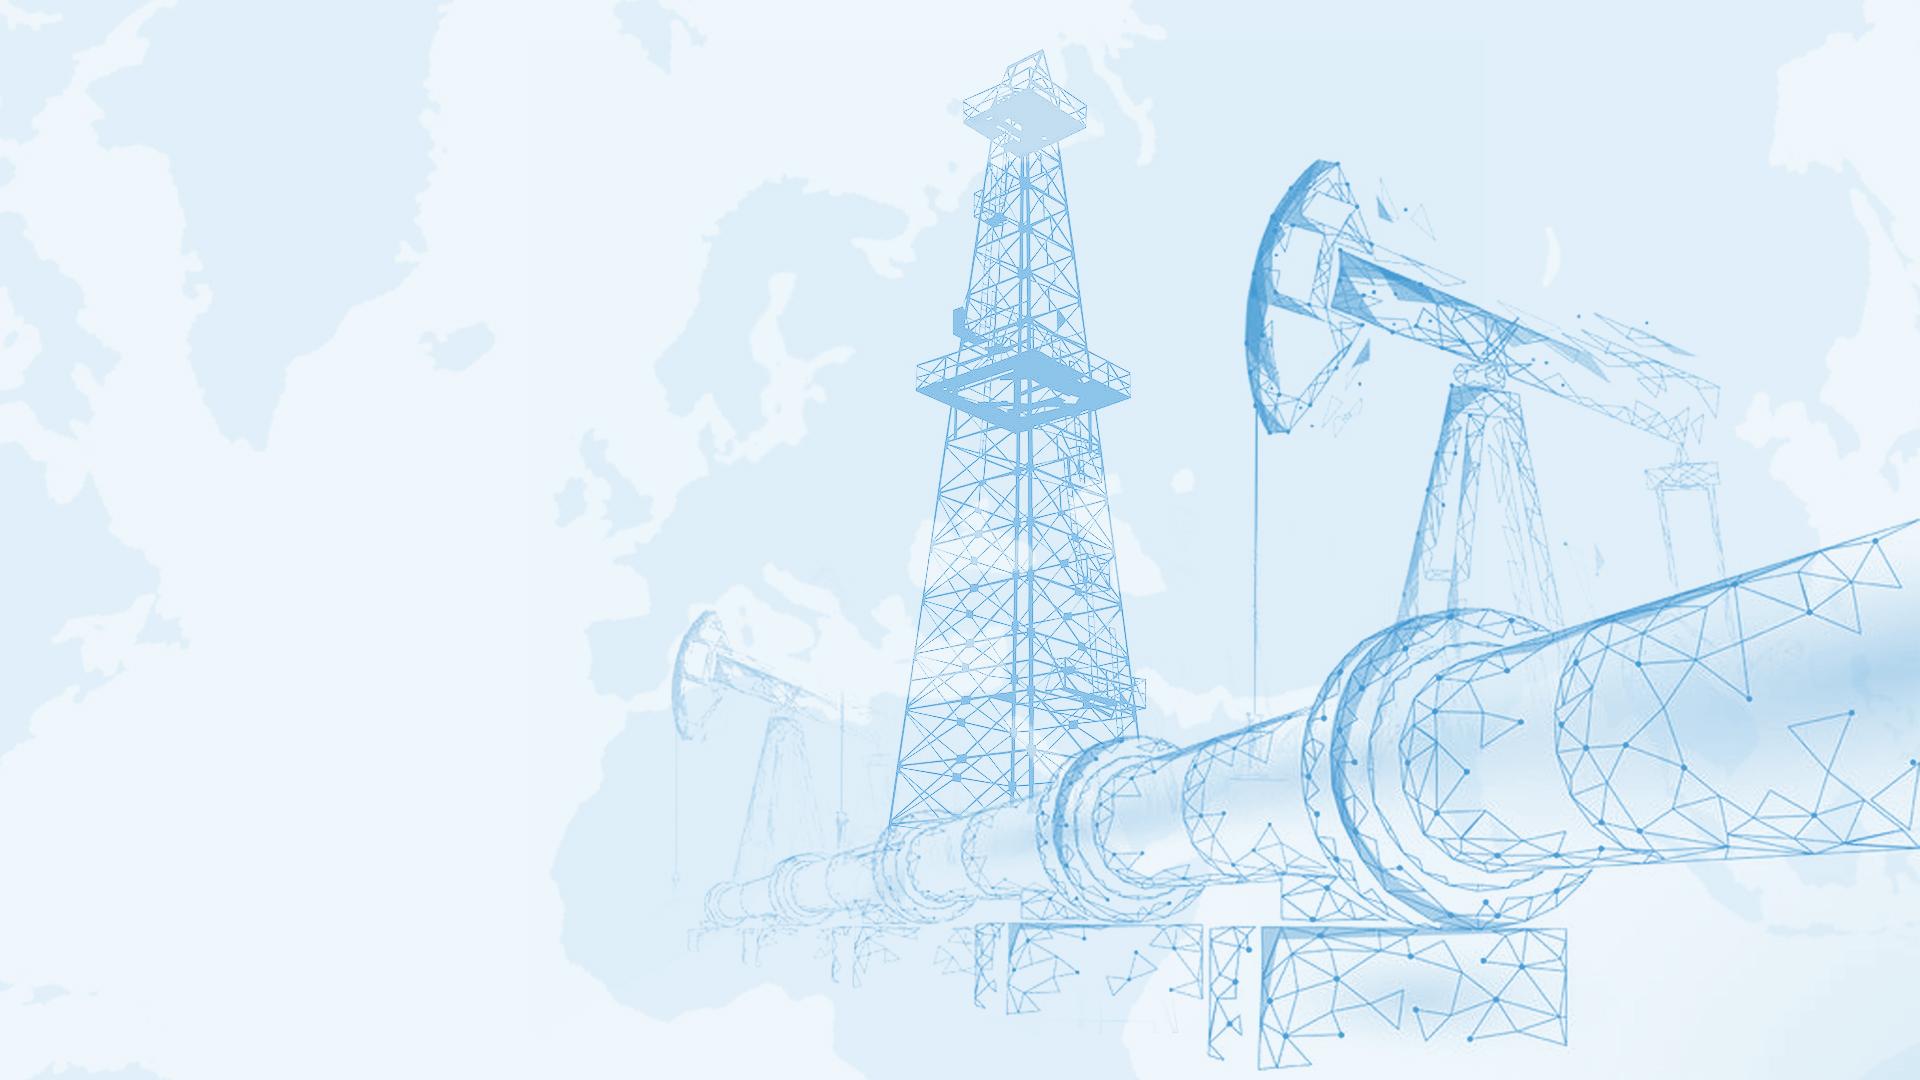 Course Image Машины и оборудование для бурения, добычи, подготовки и транспорта нефти и газа